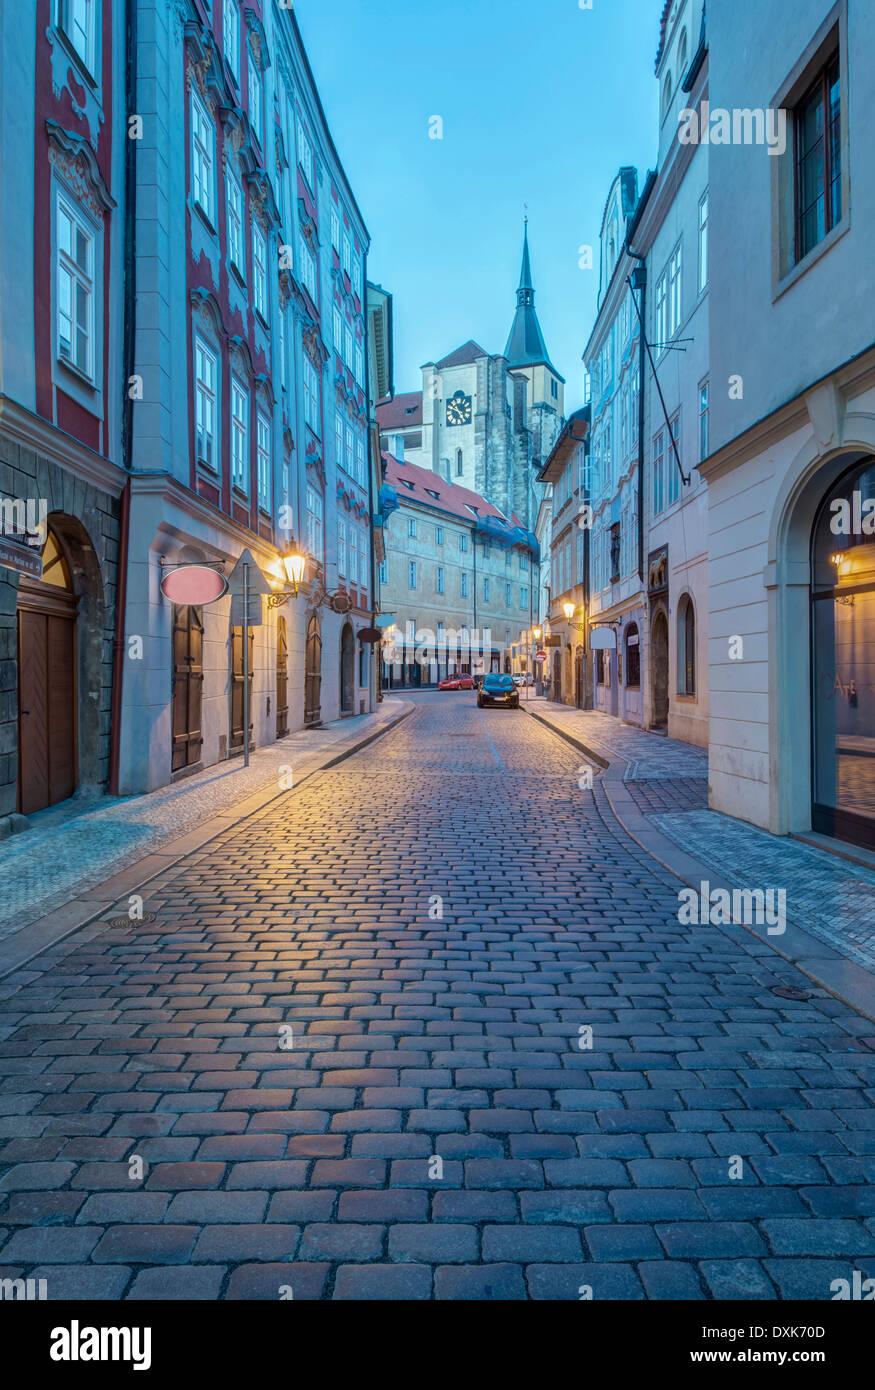 Strada di ciottoli all'alba, Praga, Repubblica Ceca Immagini Stock